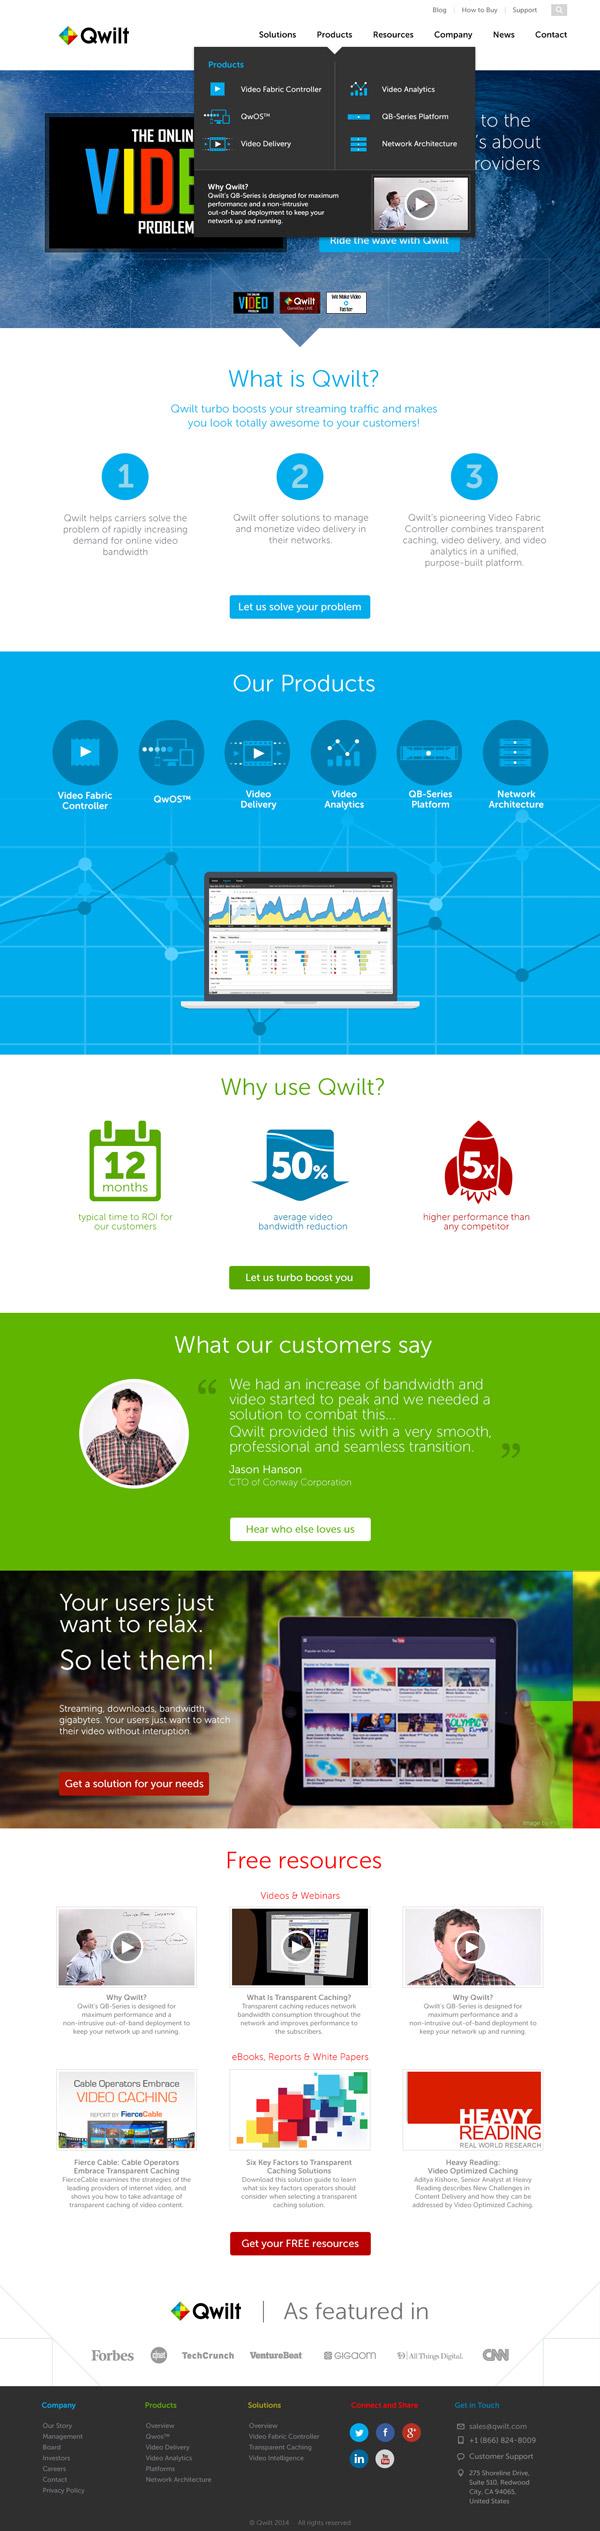 Qwilt Website Redesign by Scott Birnie